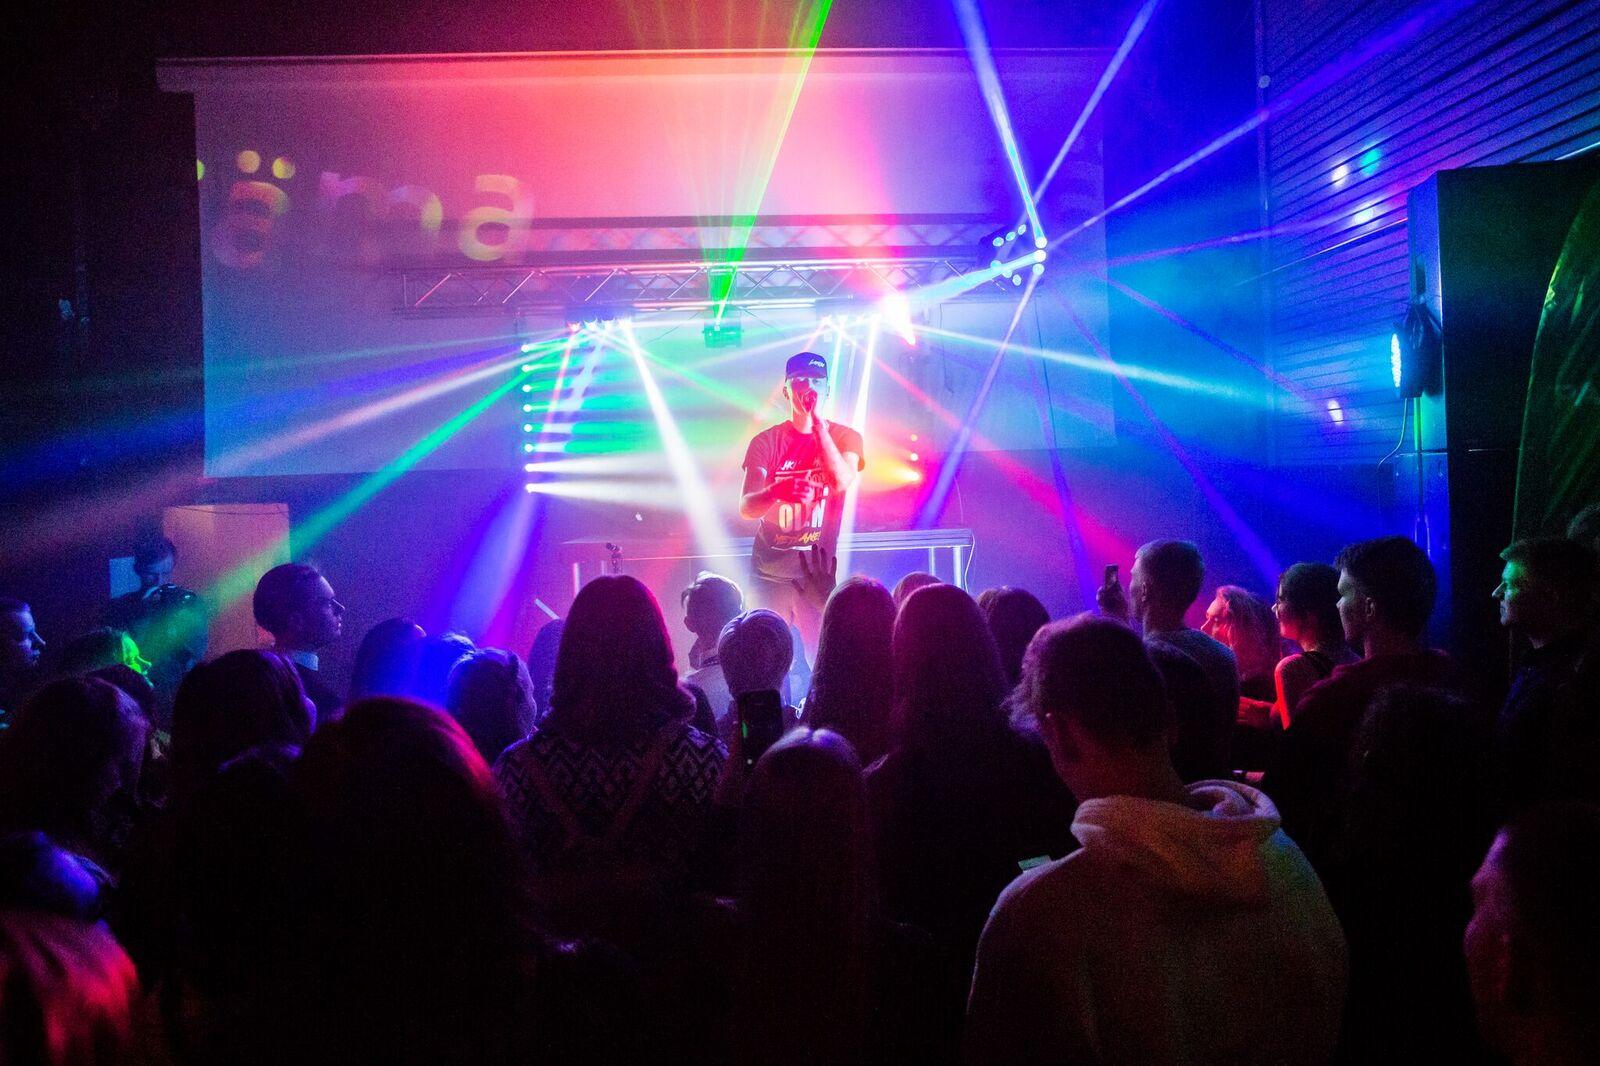 Taaskasutuskampaania #ärarääma kutsus noori muusika abil loodushoidu panustama